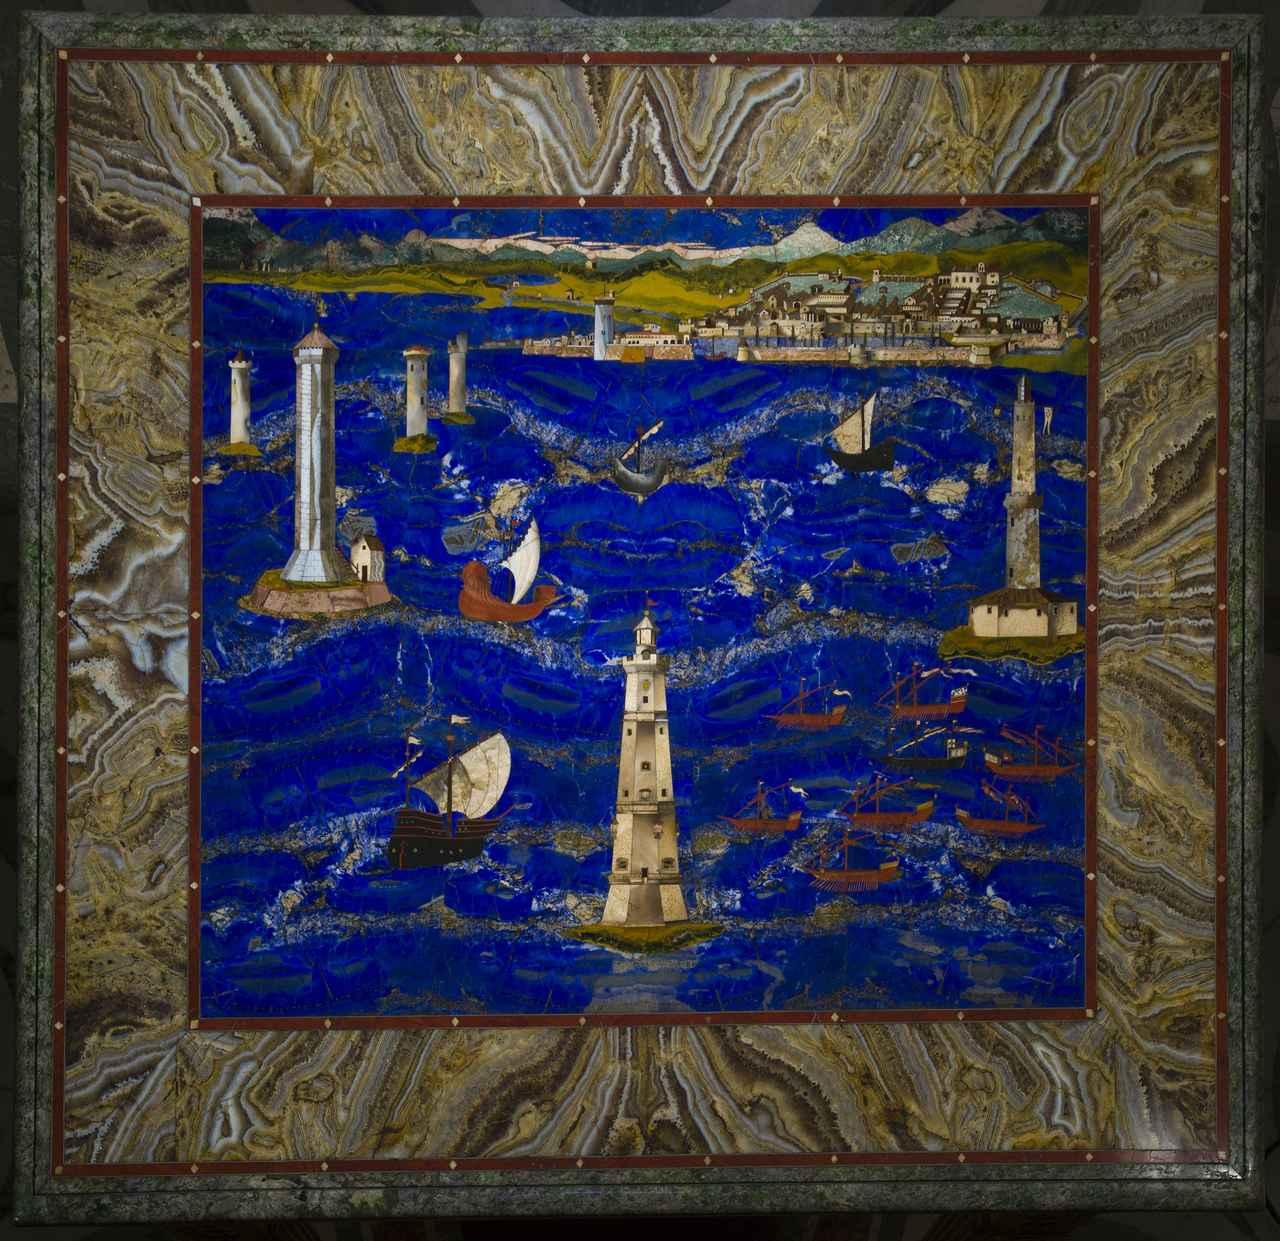 画像: 大公の工房、クリストーファノ・ガッフーリ(ヤコポ・リゴッツィの作品に基づく)《リヴォルノ港の景観》1601-04年 ウフィツィ美術館© Gabinetto Fotografico delle Gallerie degli Uffizi